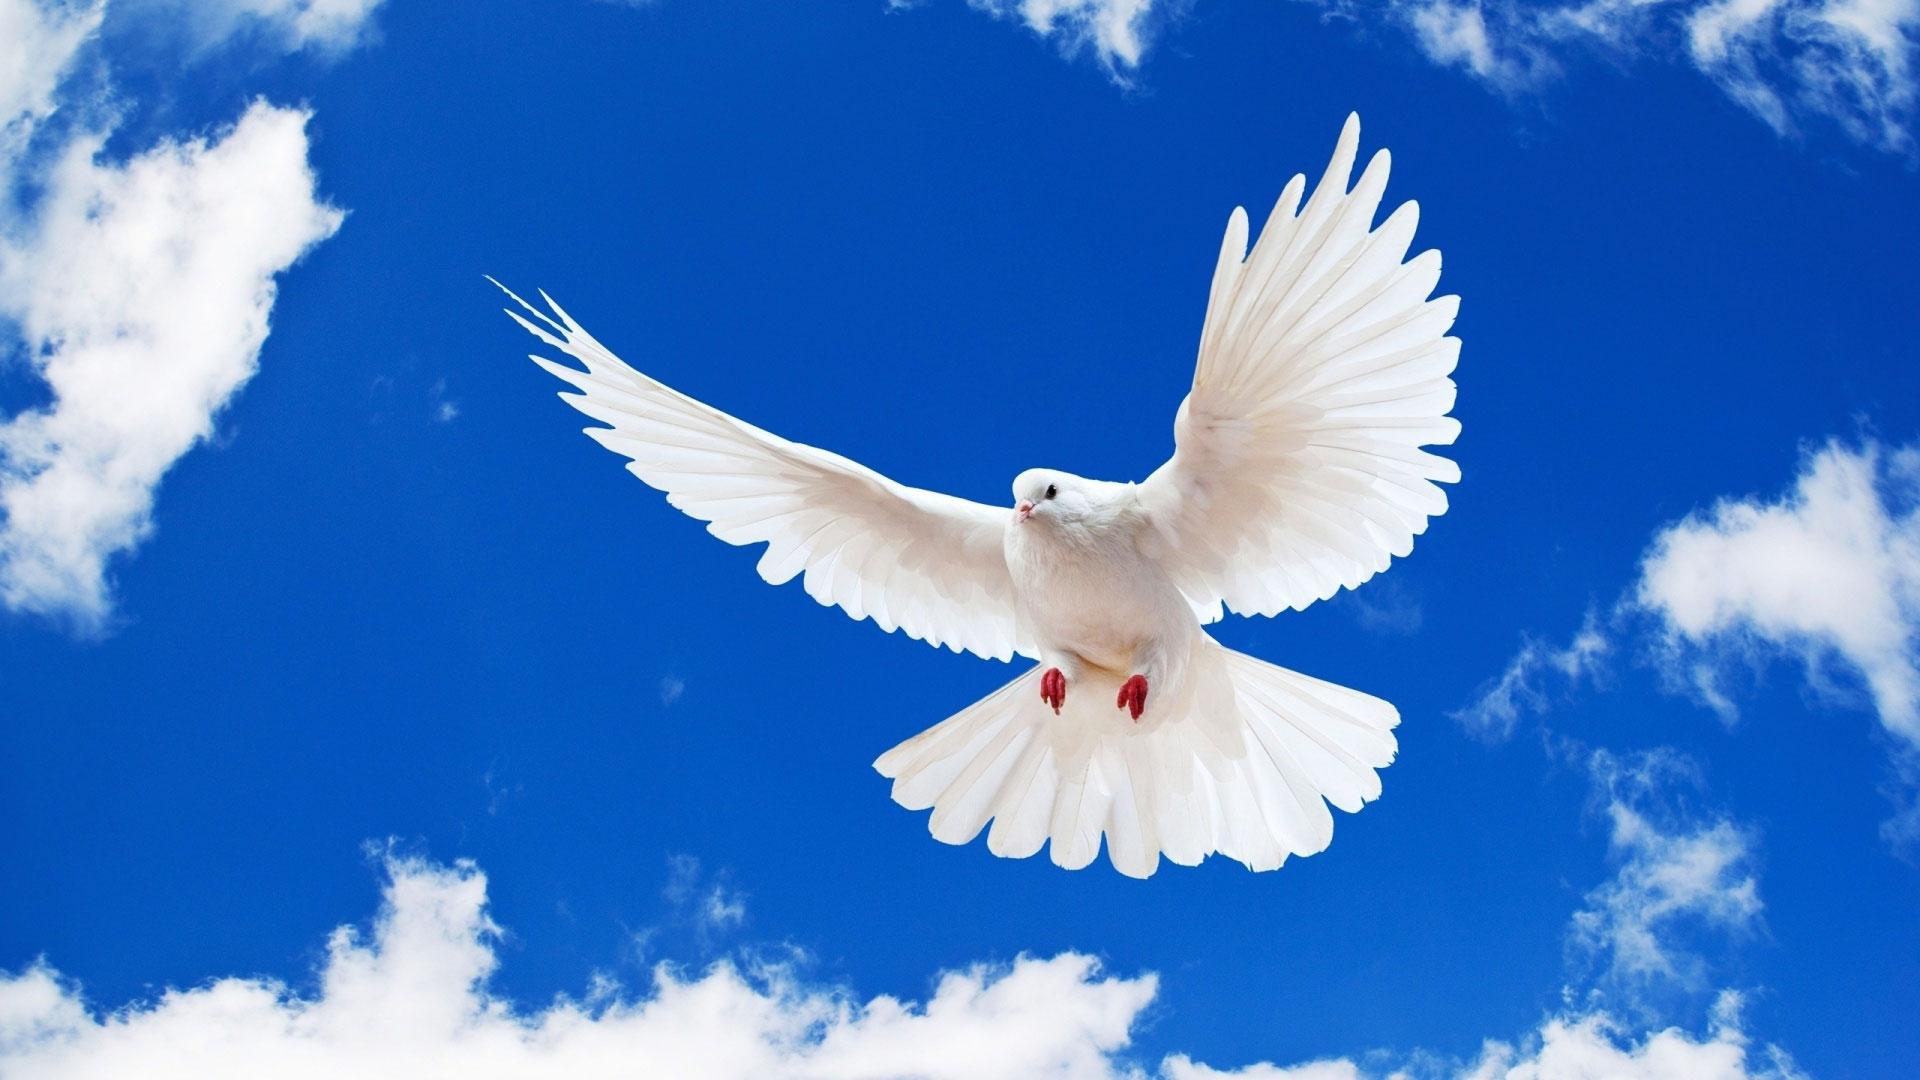 что картинки с голубями на земле дают множество советов